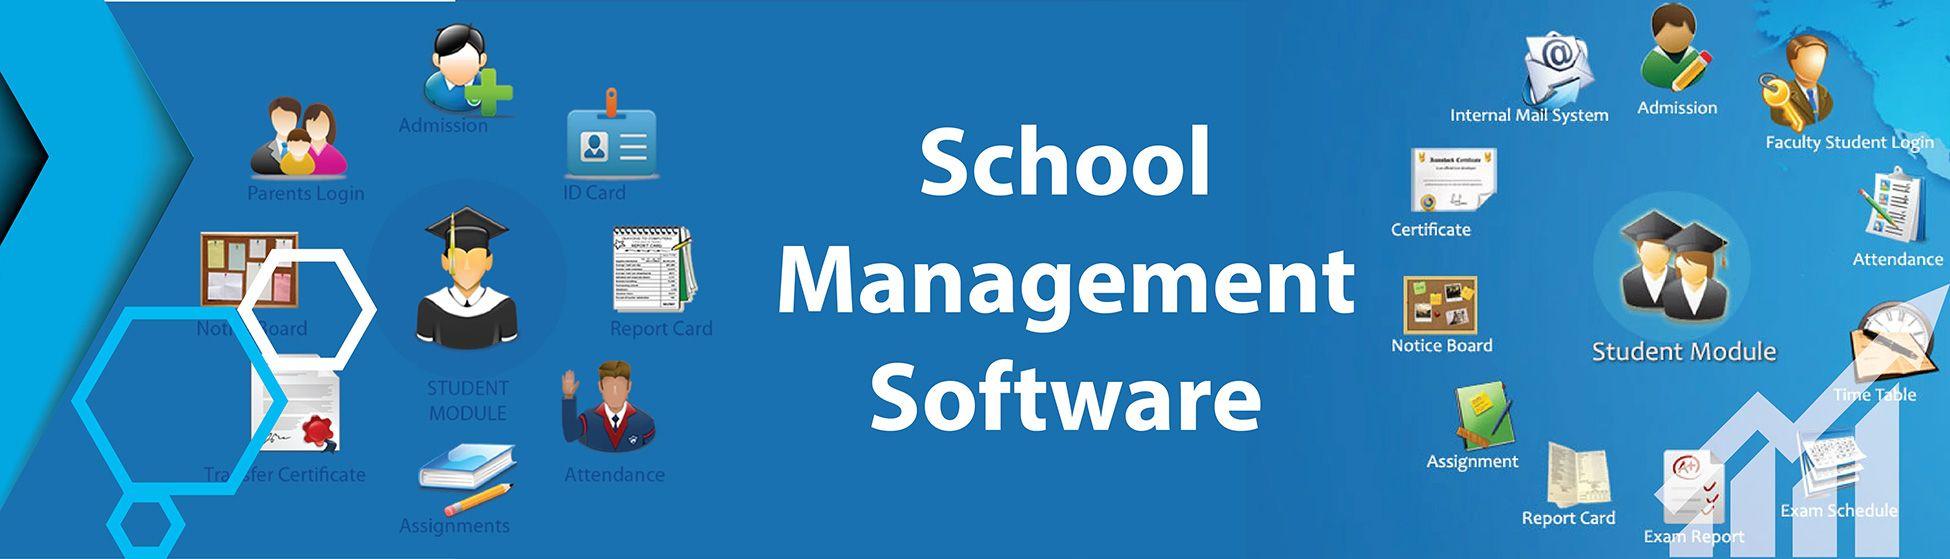 School Management Software in muktsar